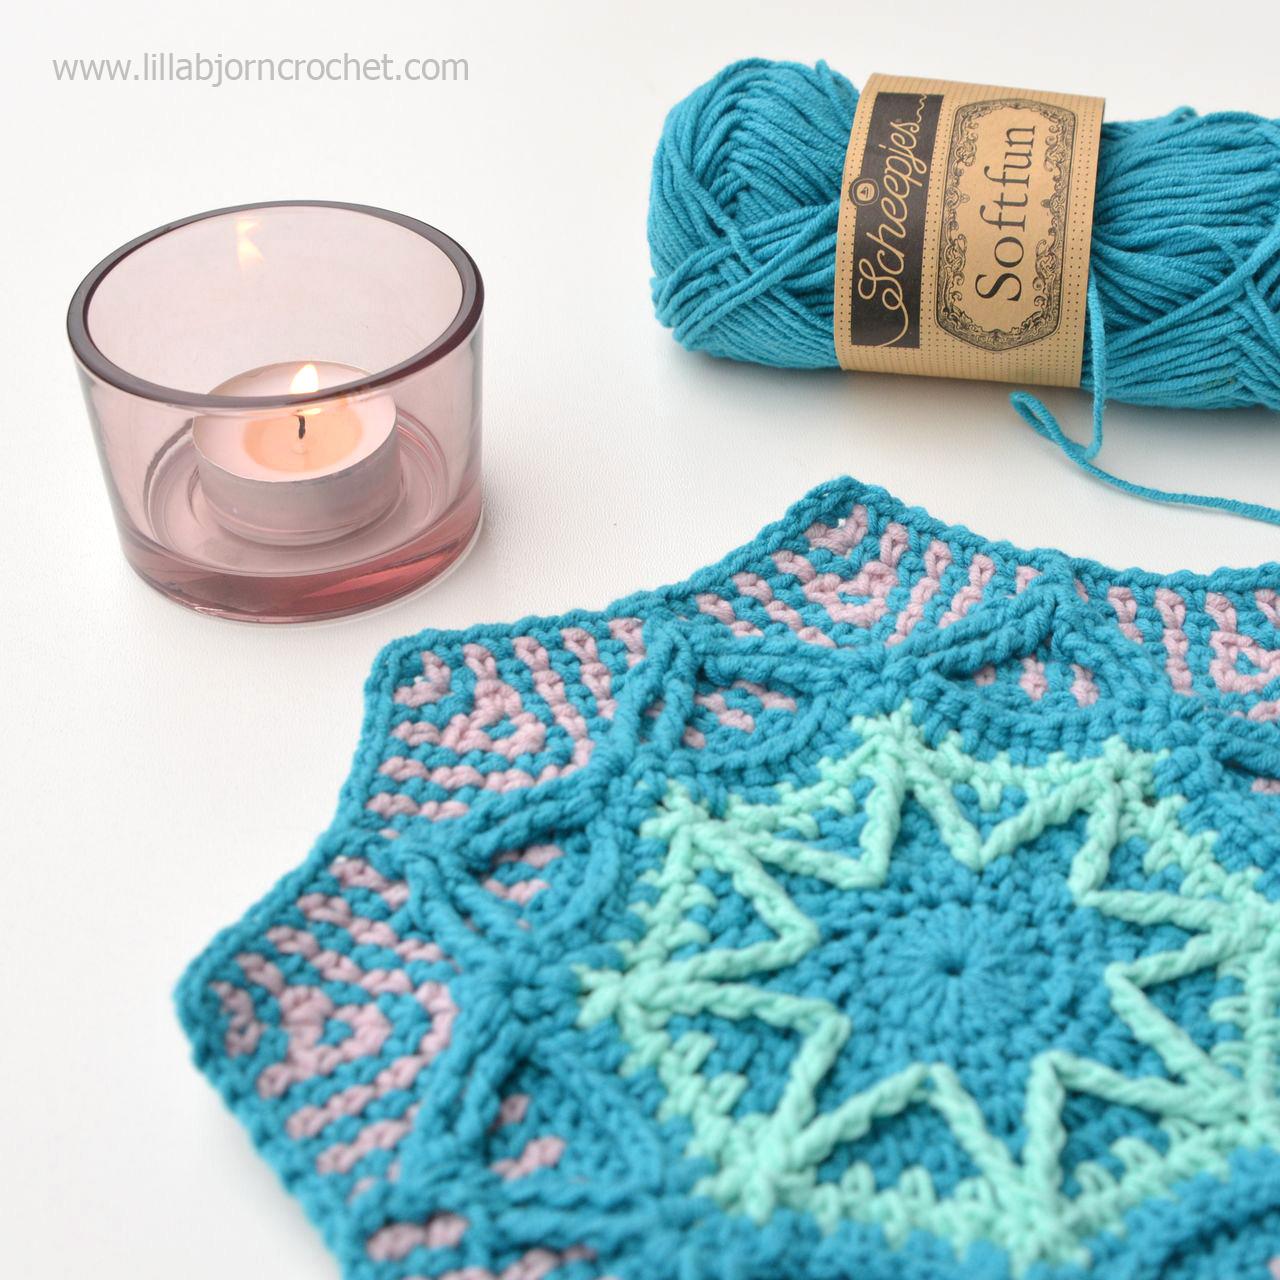 Wintery Octagon Mandala - overlay crochet pattern by www.lillabjorncrochet.com